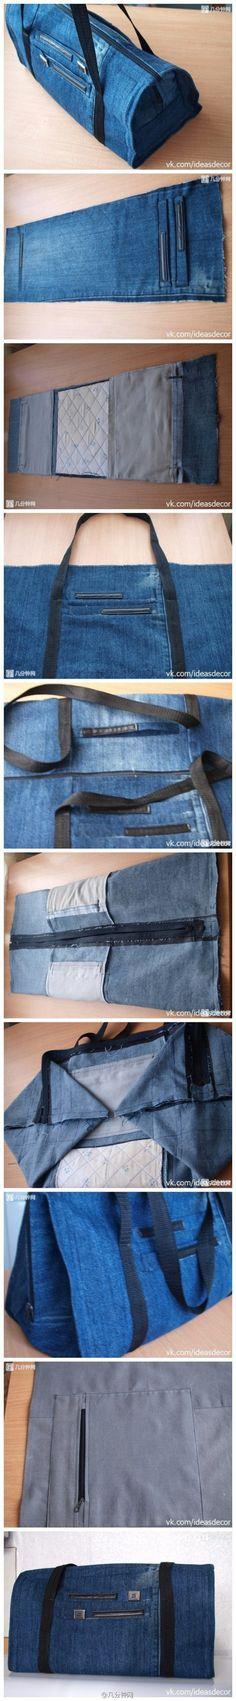 牛仔裤改造……_来自晴漪的图片分享-堆糖网